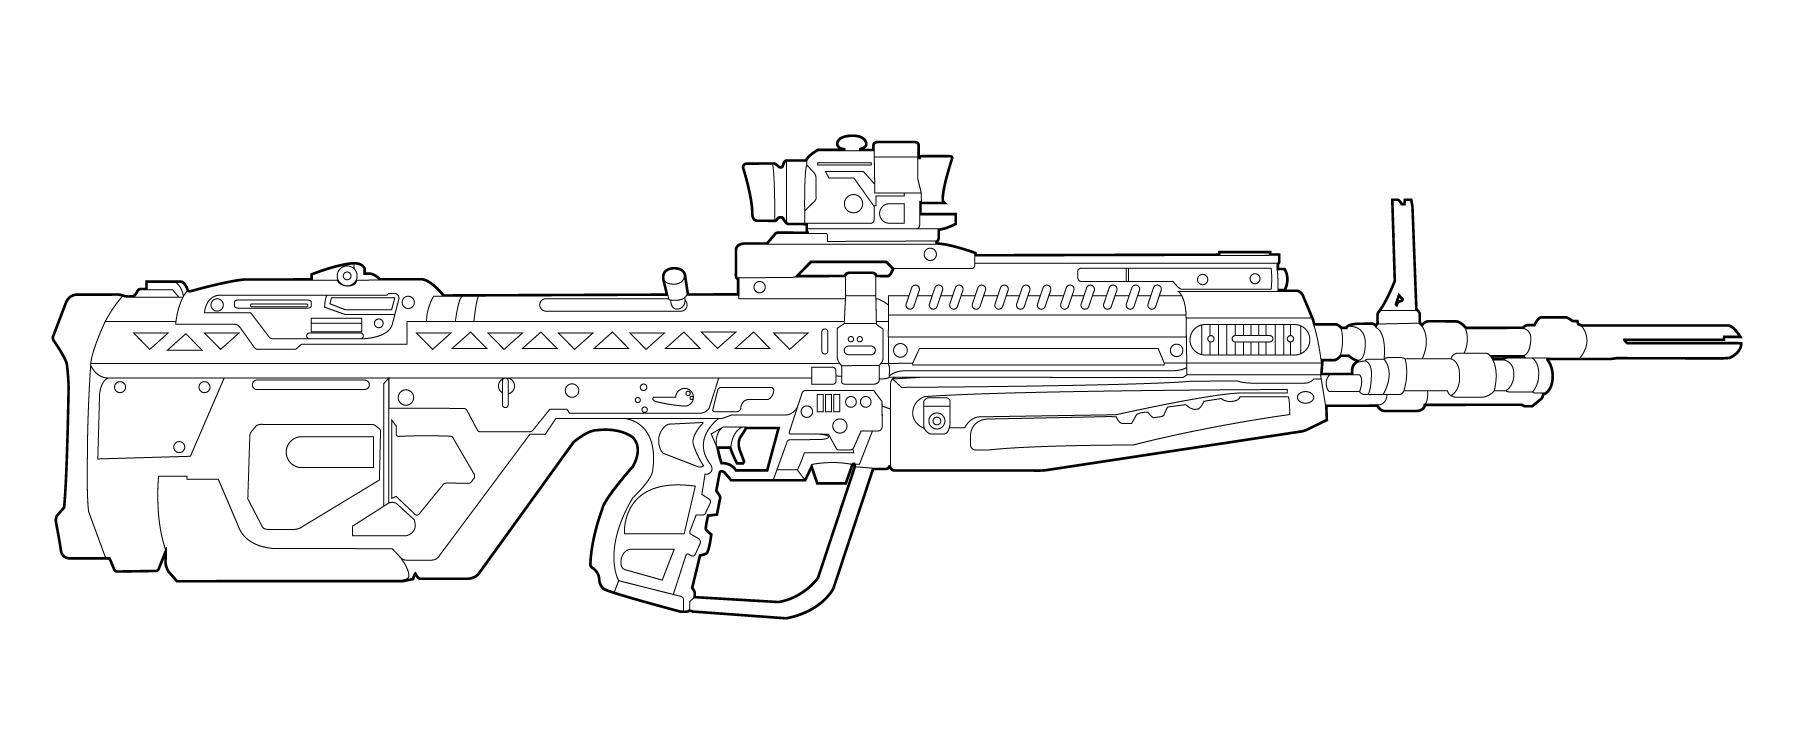 Halo M392 Dmr Lineart By Masterchieffox On Deviantart